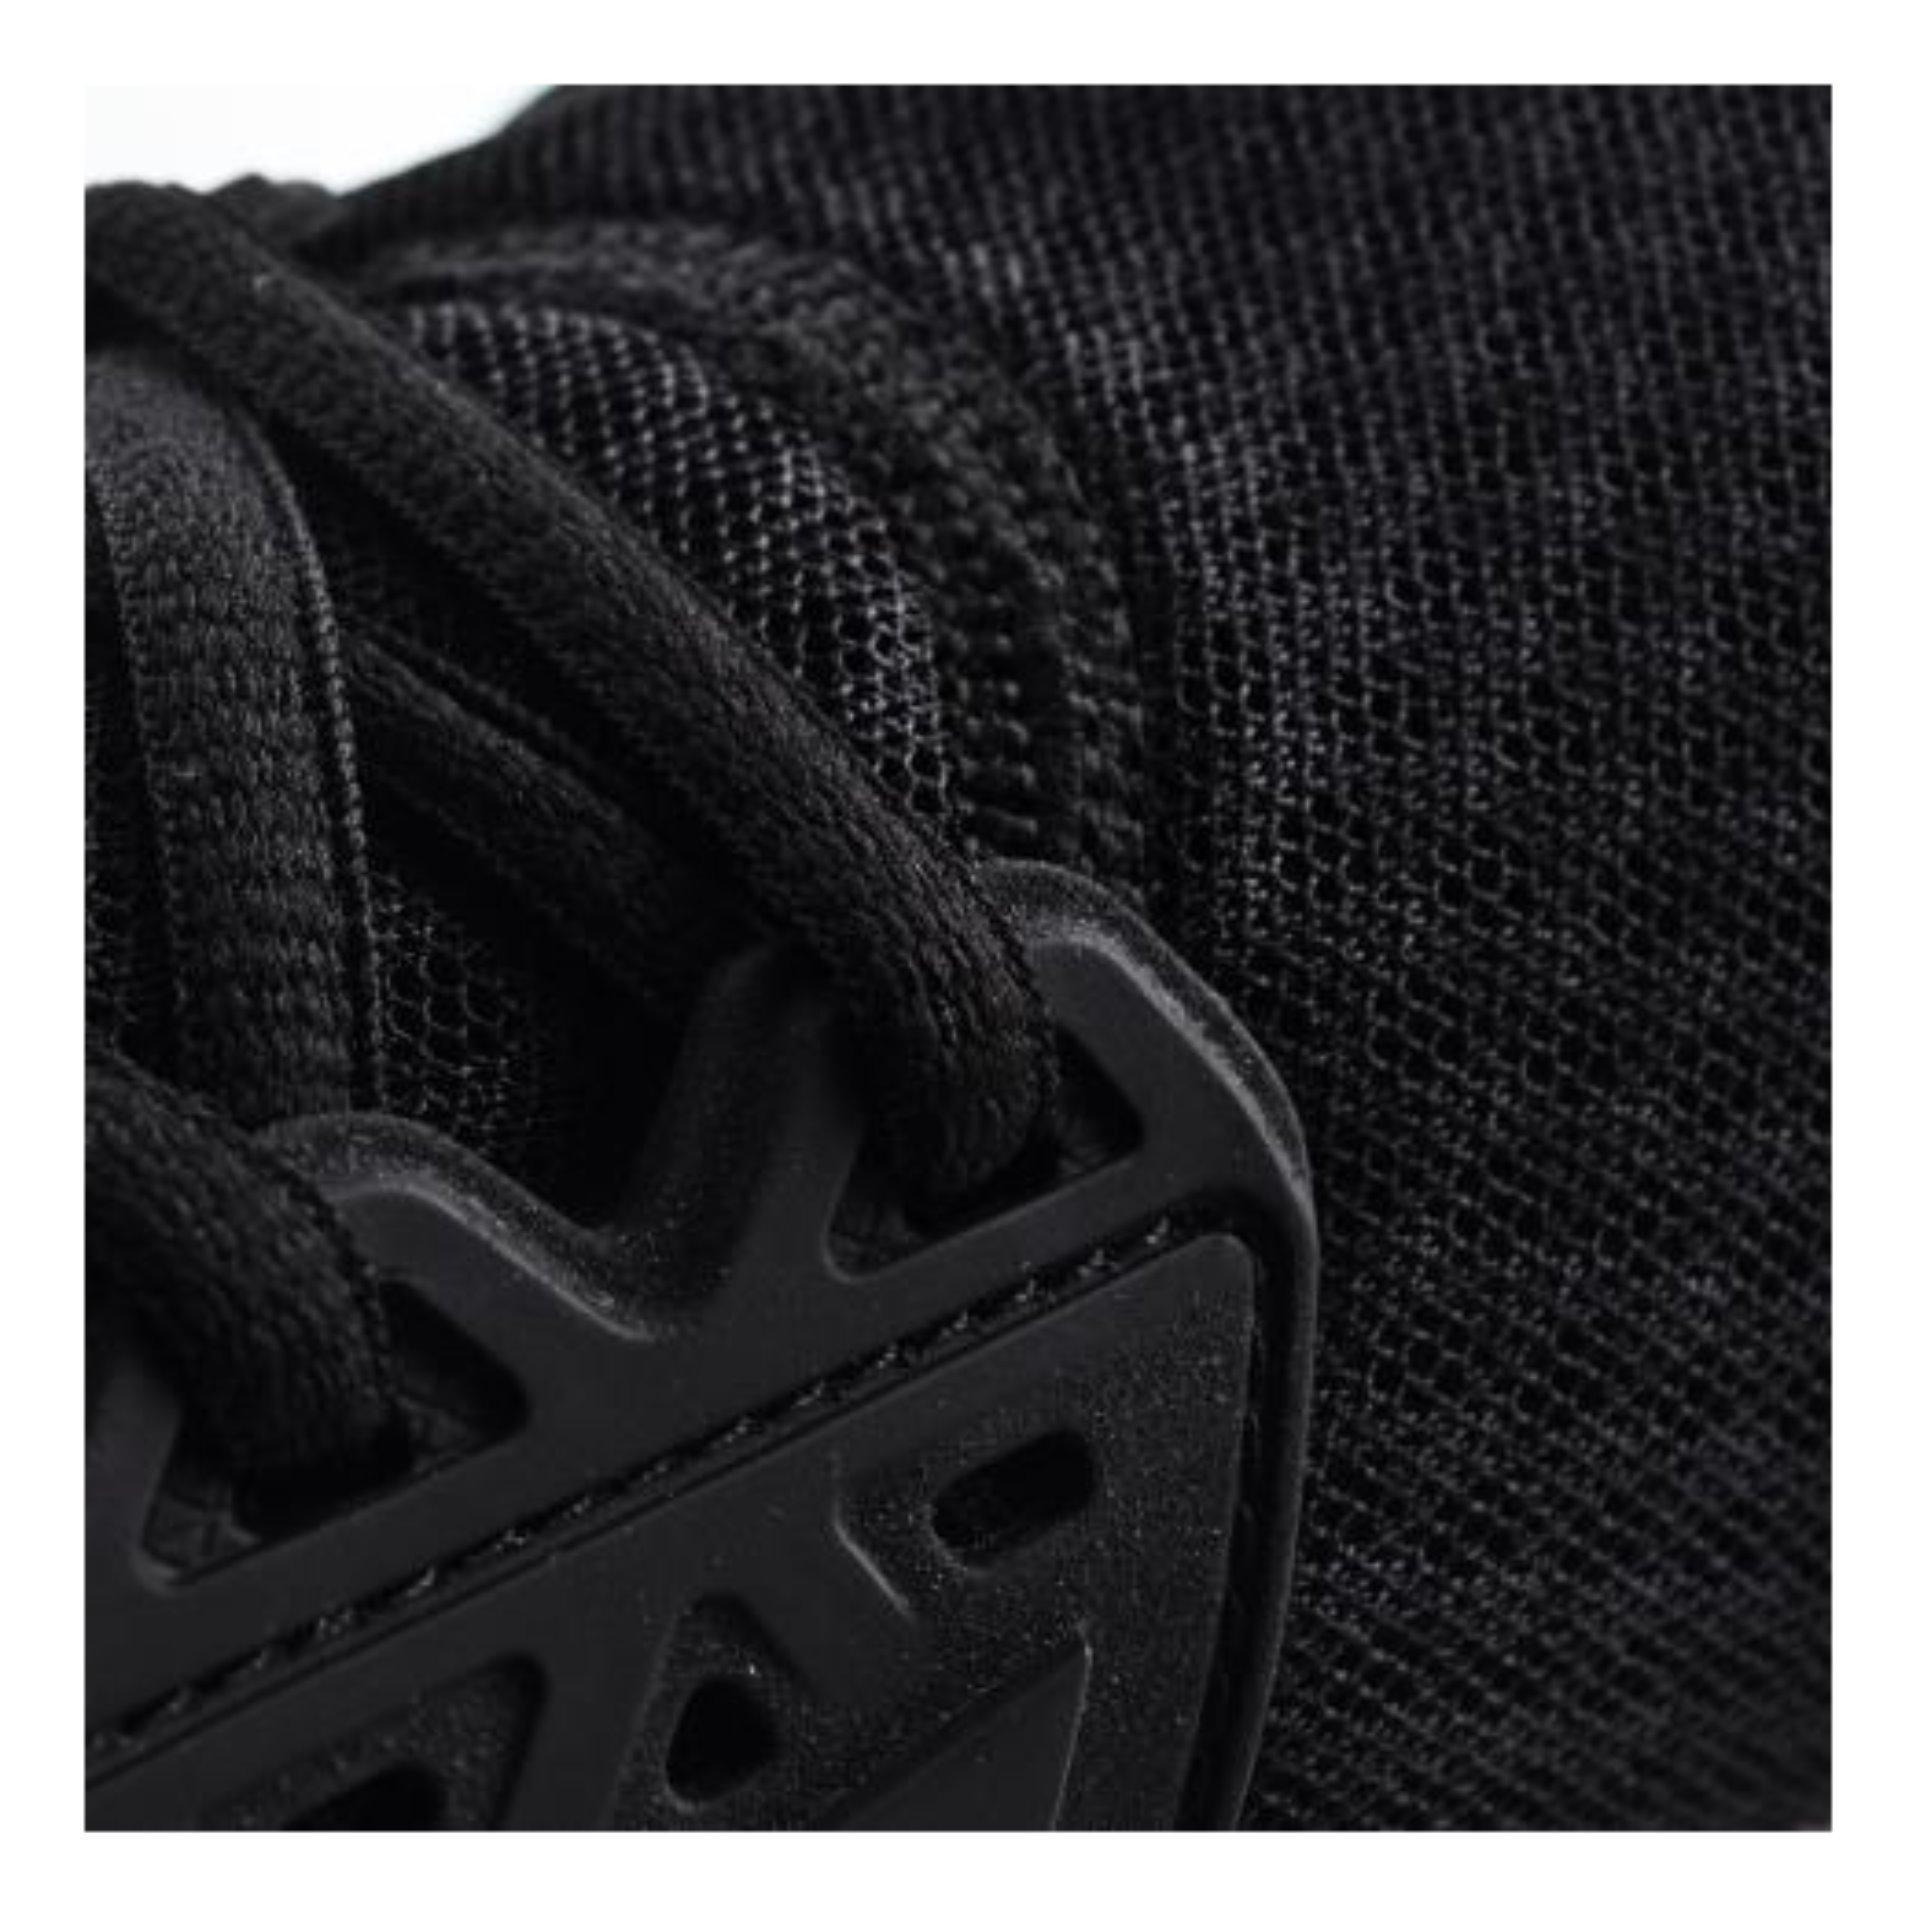 Adidas Sepatu Running Galaxy 3 M Bb4358 Hitam - Katalog Harga ... 33fe6bf2ef